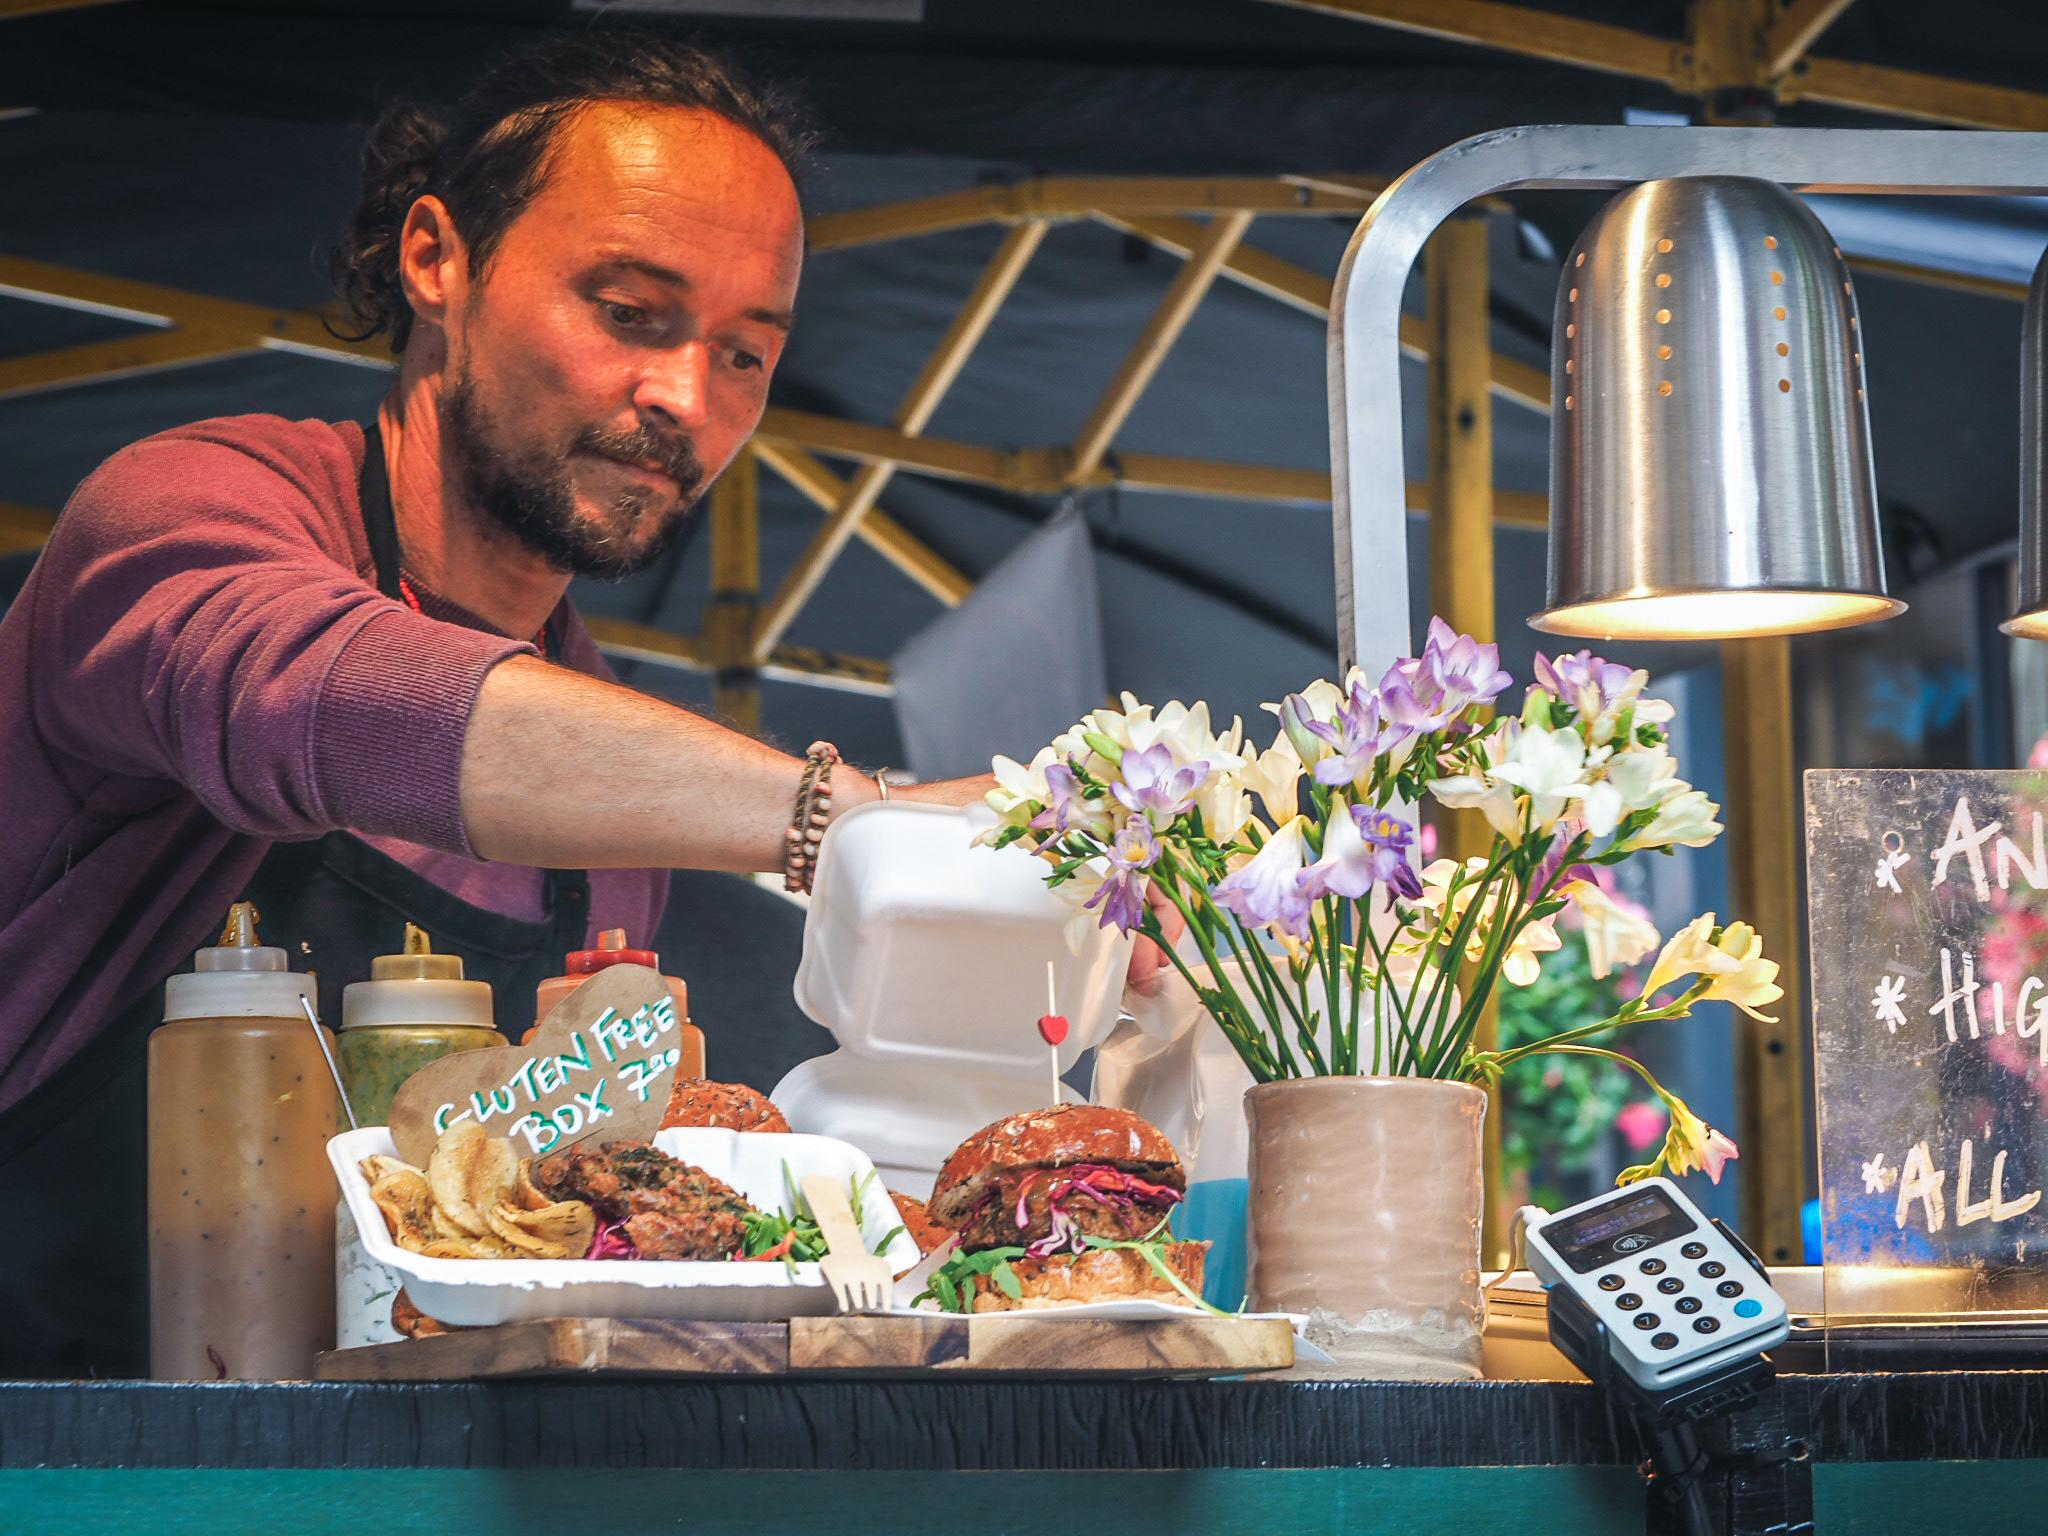 Vegan street food vendor London